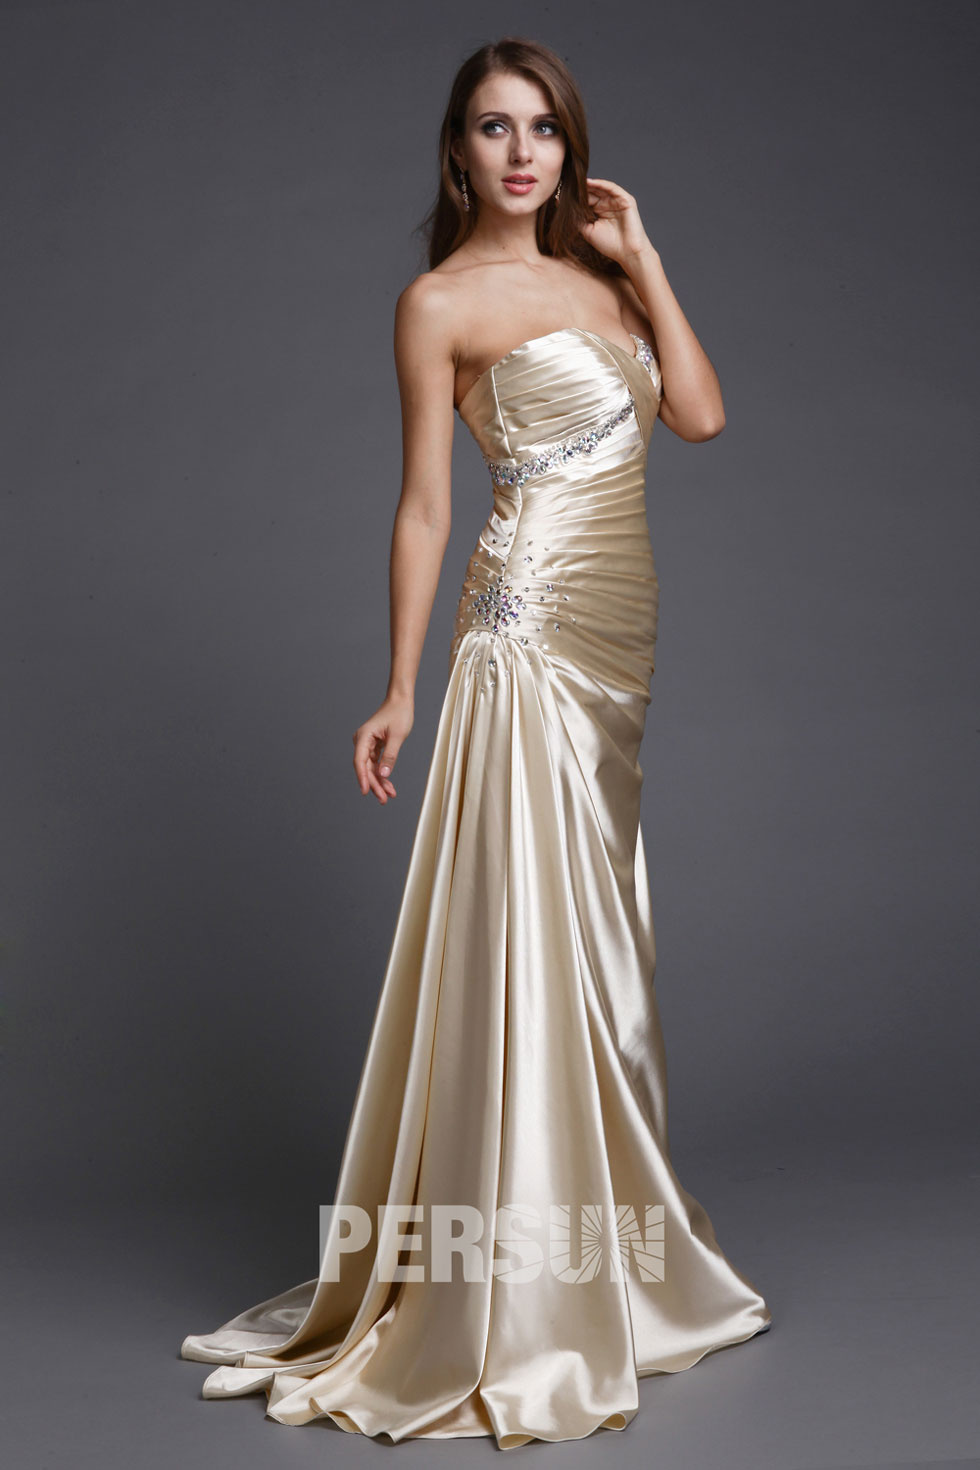 acheter robe en satin site